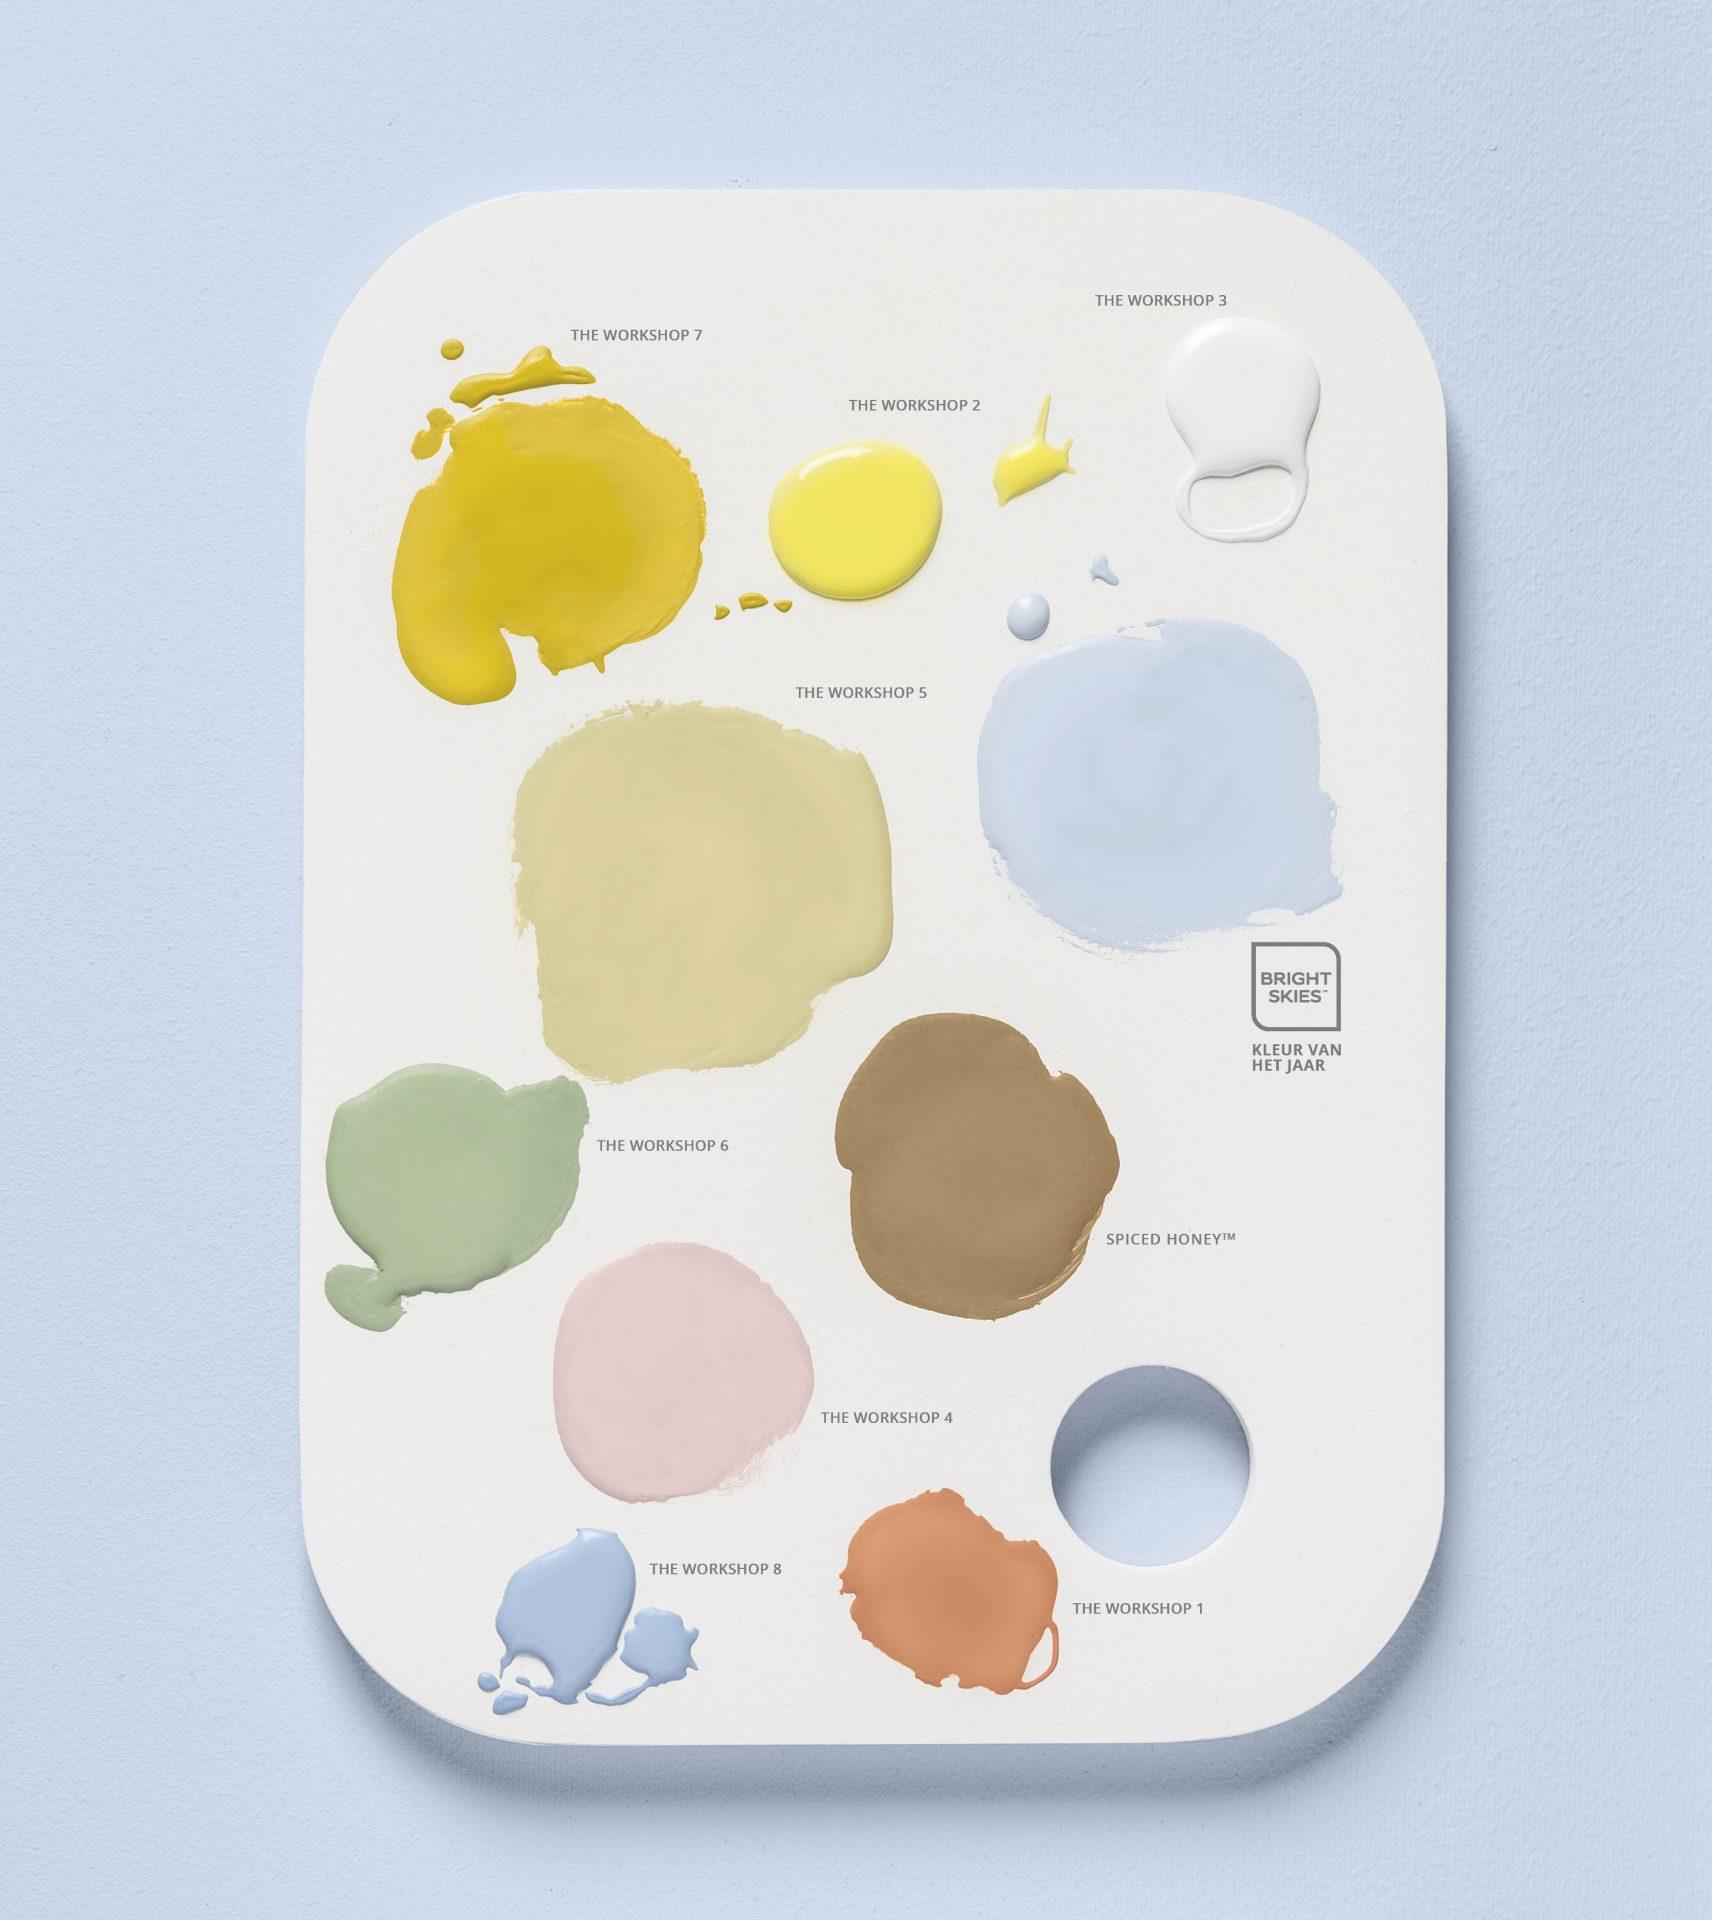 Flexa-Kleur-van-het-Jaar-2022-Bright-Skies-Kleurentrends-2022-Workshop-kleurpalet-met-namen